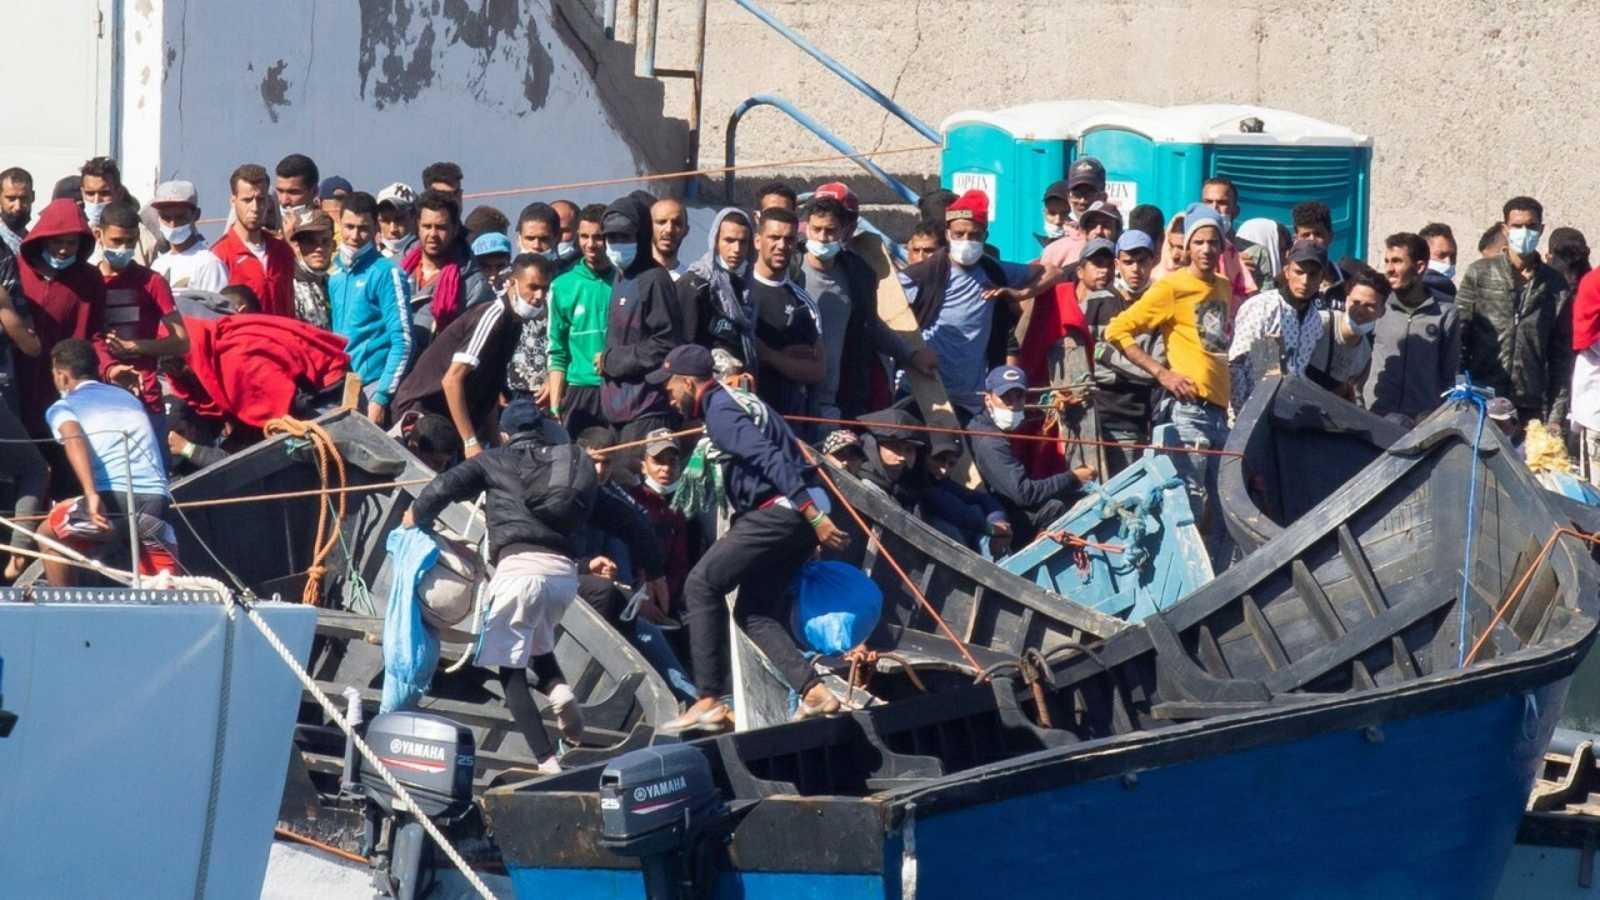 Boletines RNE -  El Defensor del Pueblo critica la falta de una política migratoria de Estado - Escuchar ahora